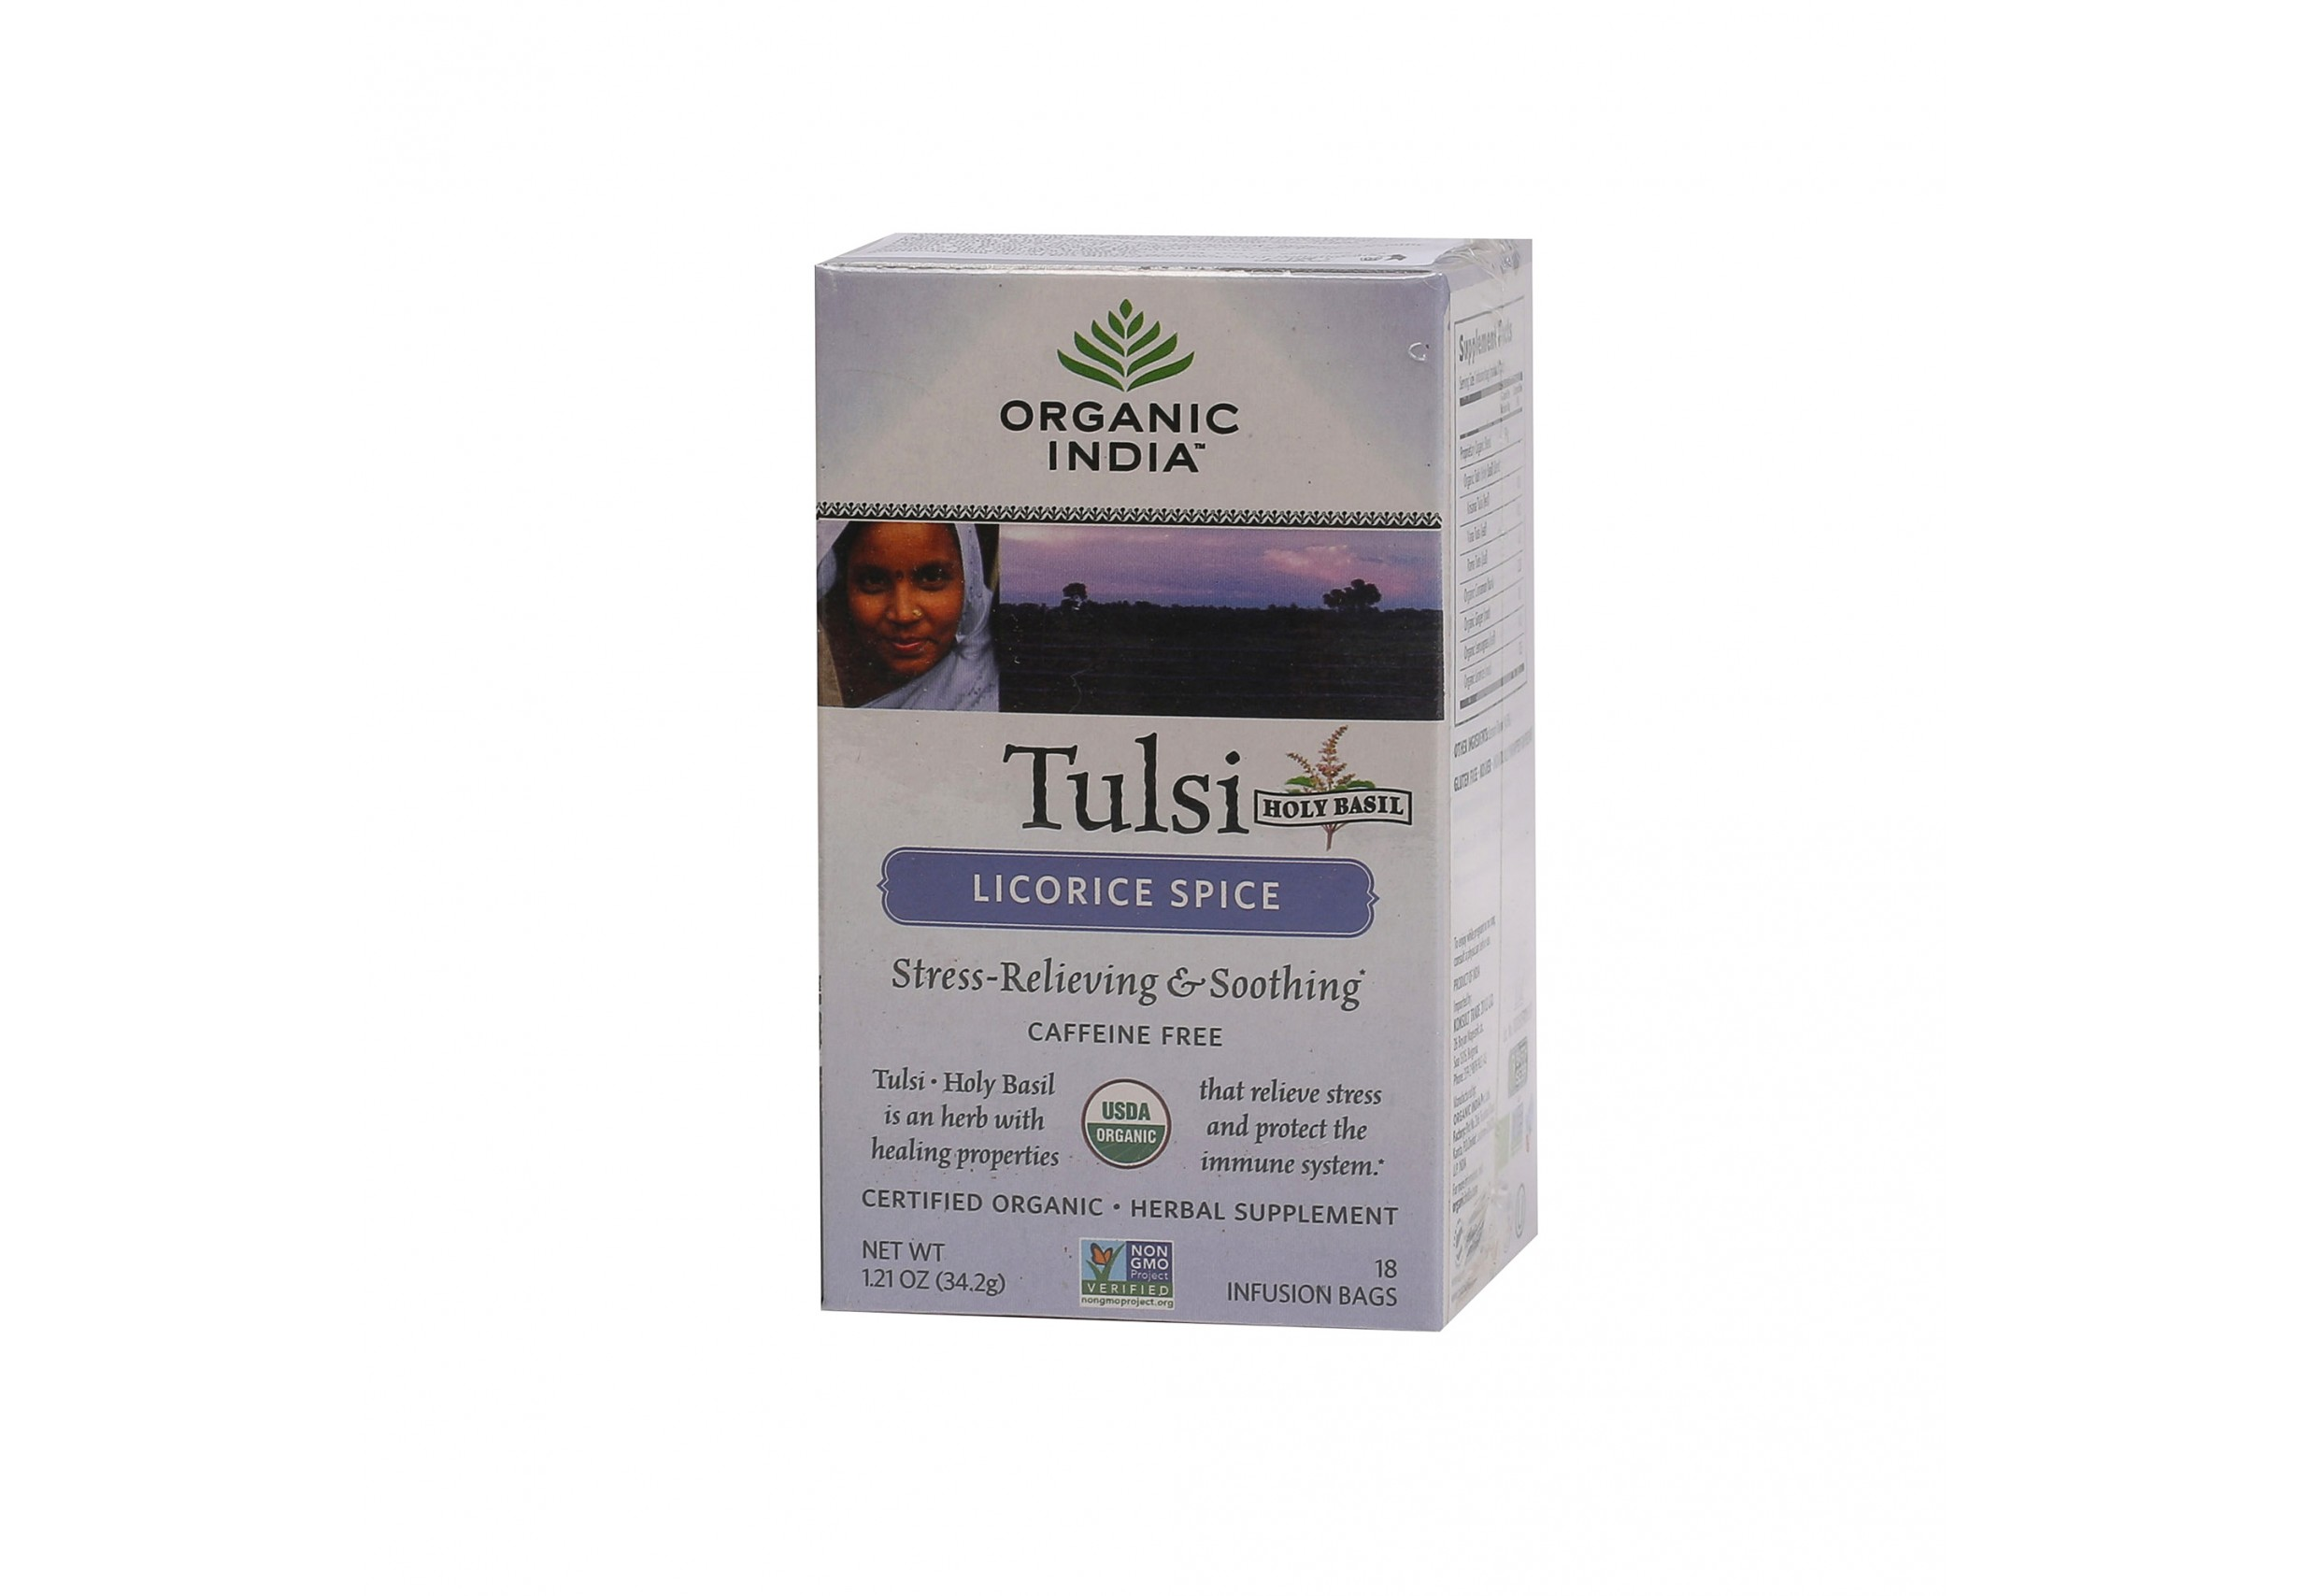 Tulsi Tea (Licorice spice)